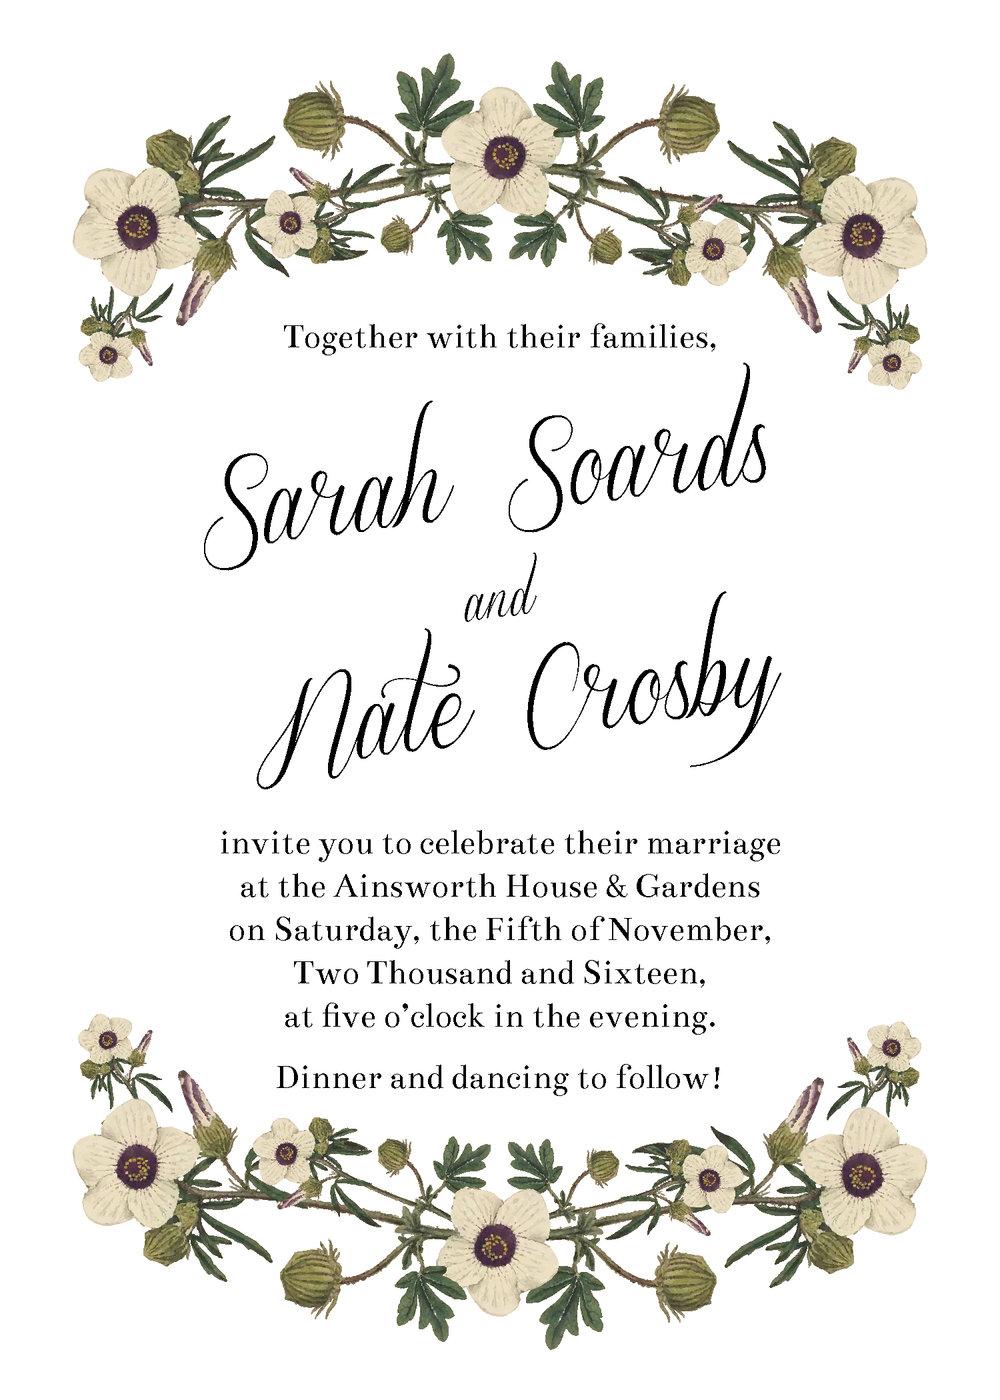 Soardsby invite.jpg